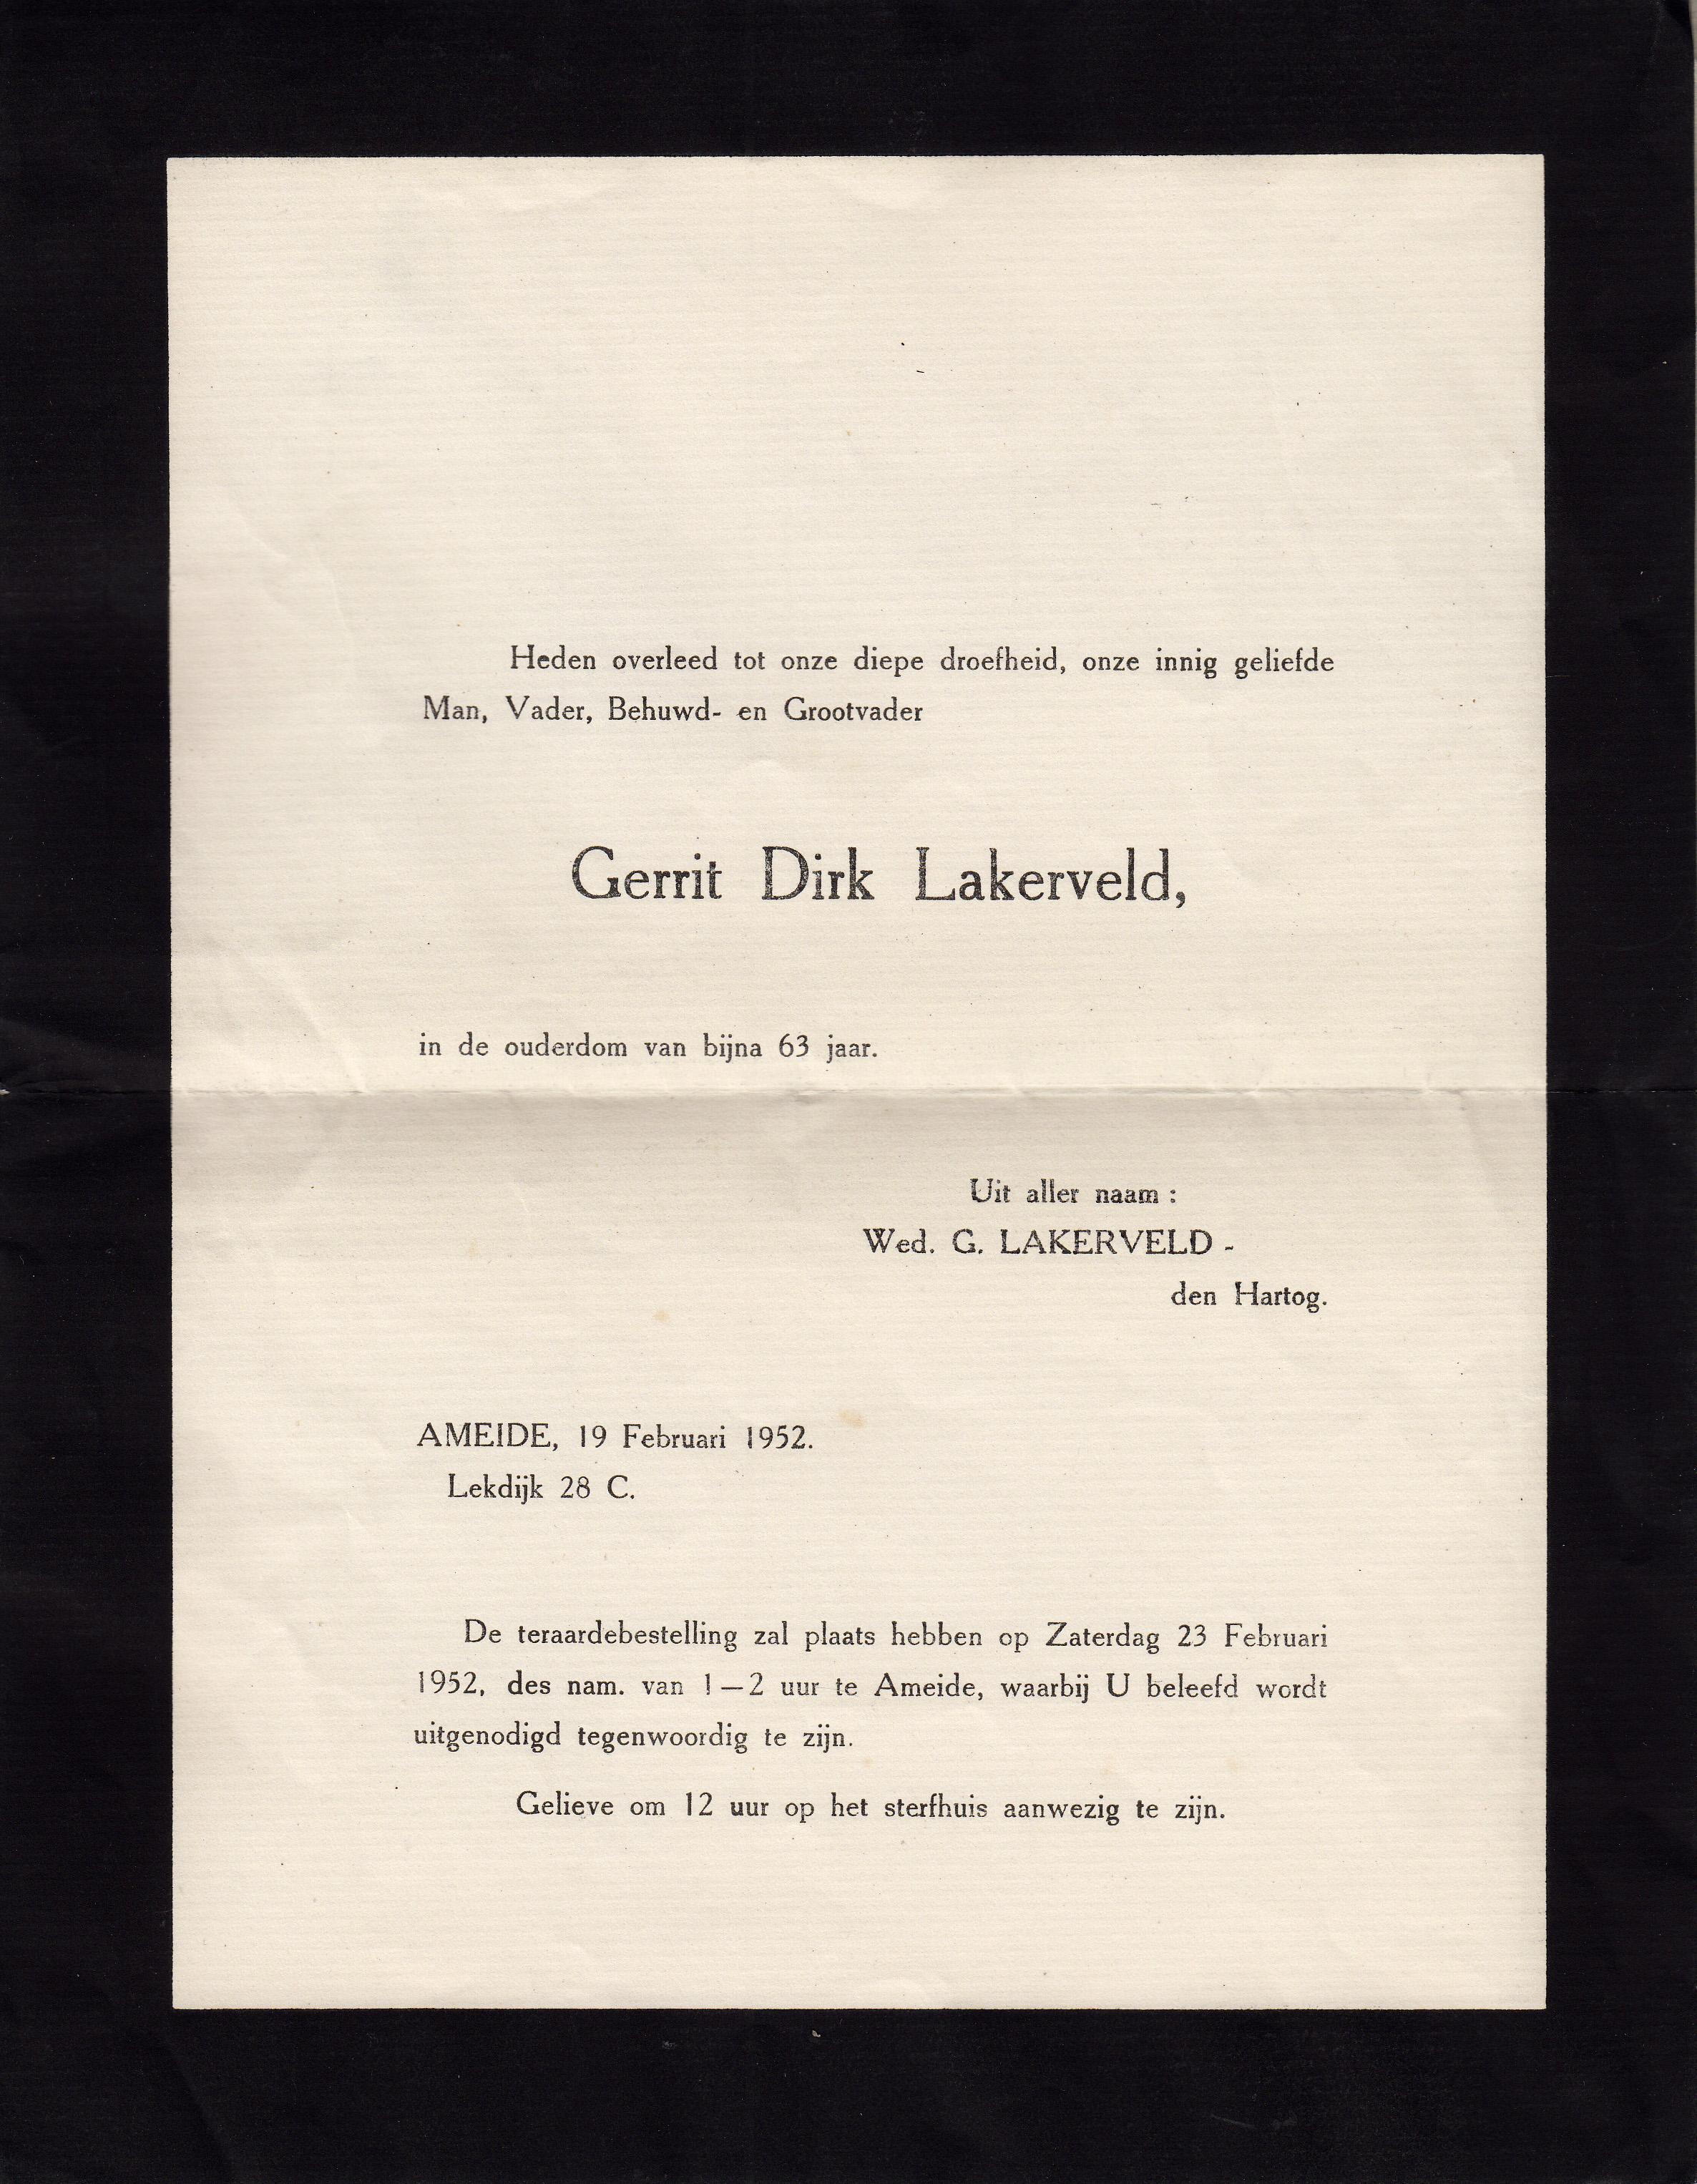 Gerrit Dirk Lakerveld